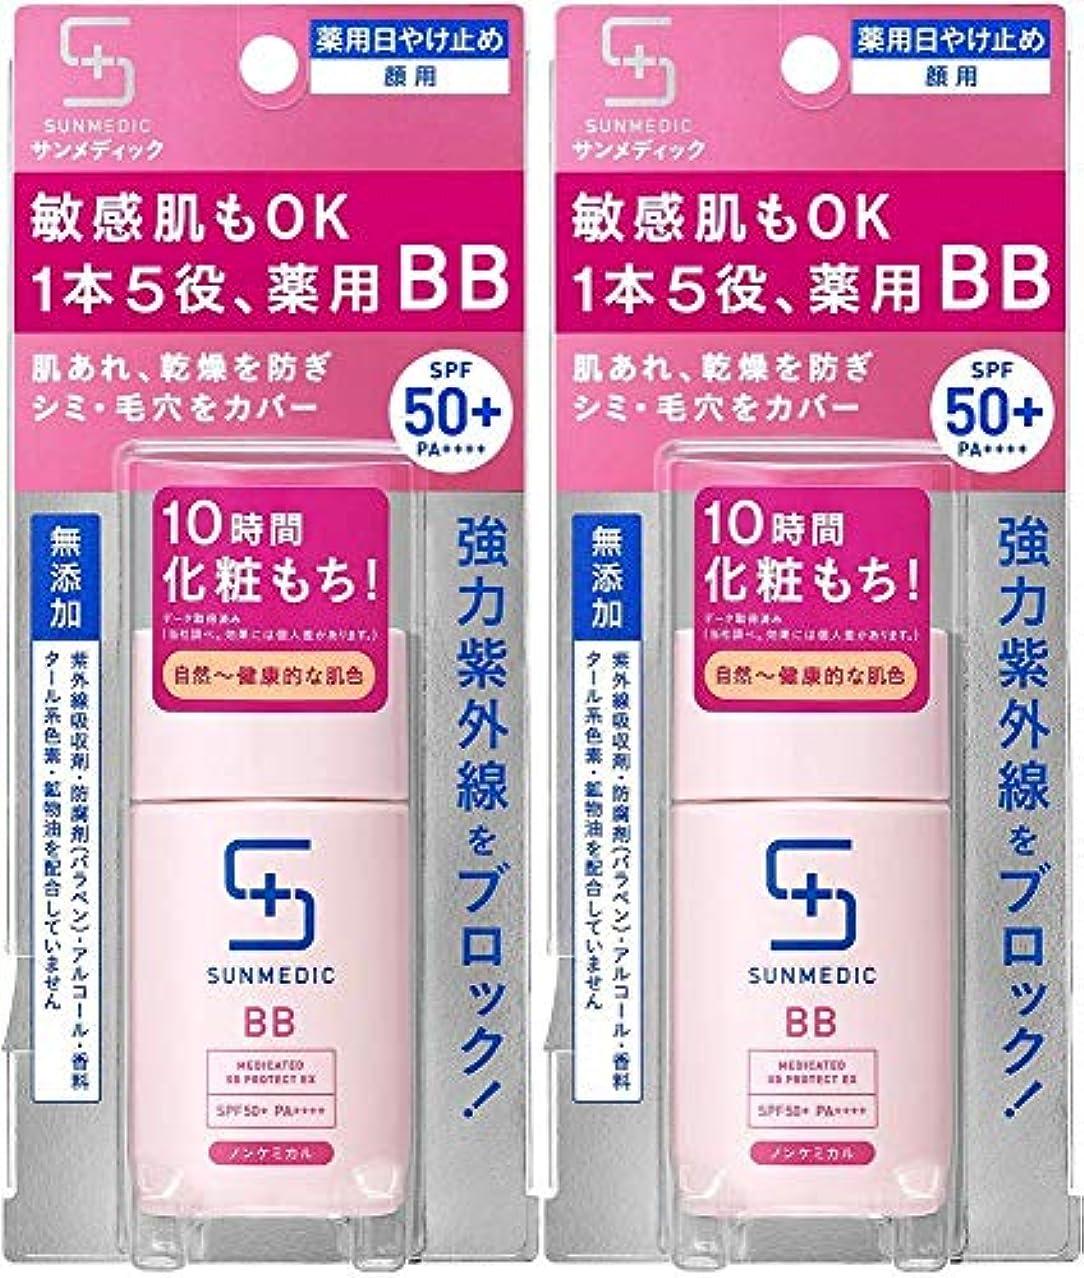 梨開拓者名誉【2個セット】サンメディックUV 薬用BBプロテクトEX ナチュラル 30ml (医薬部外品)